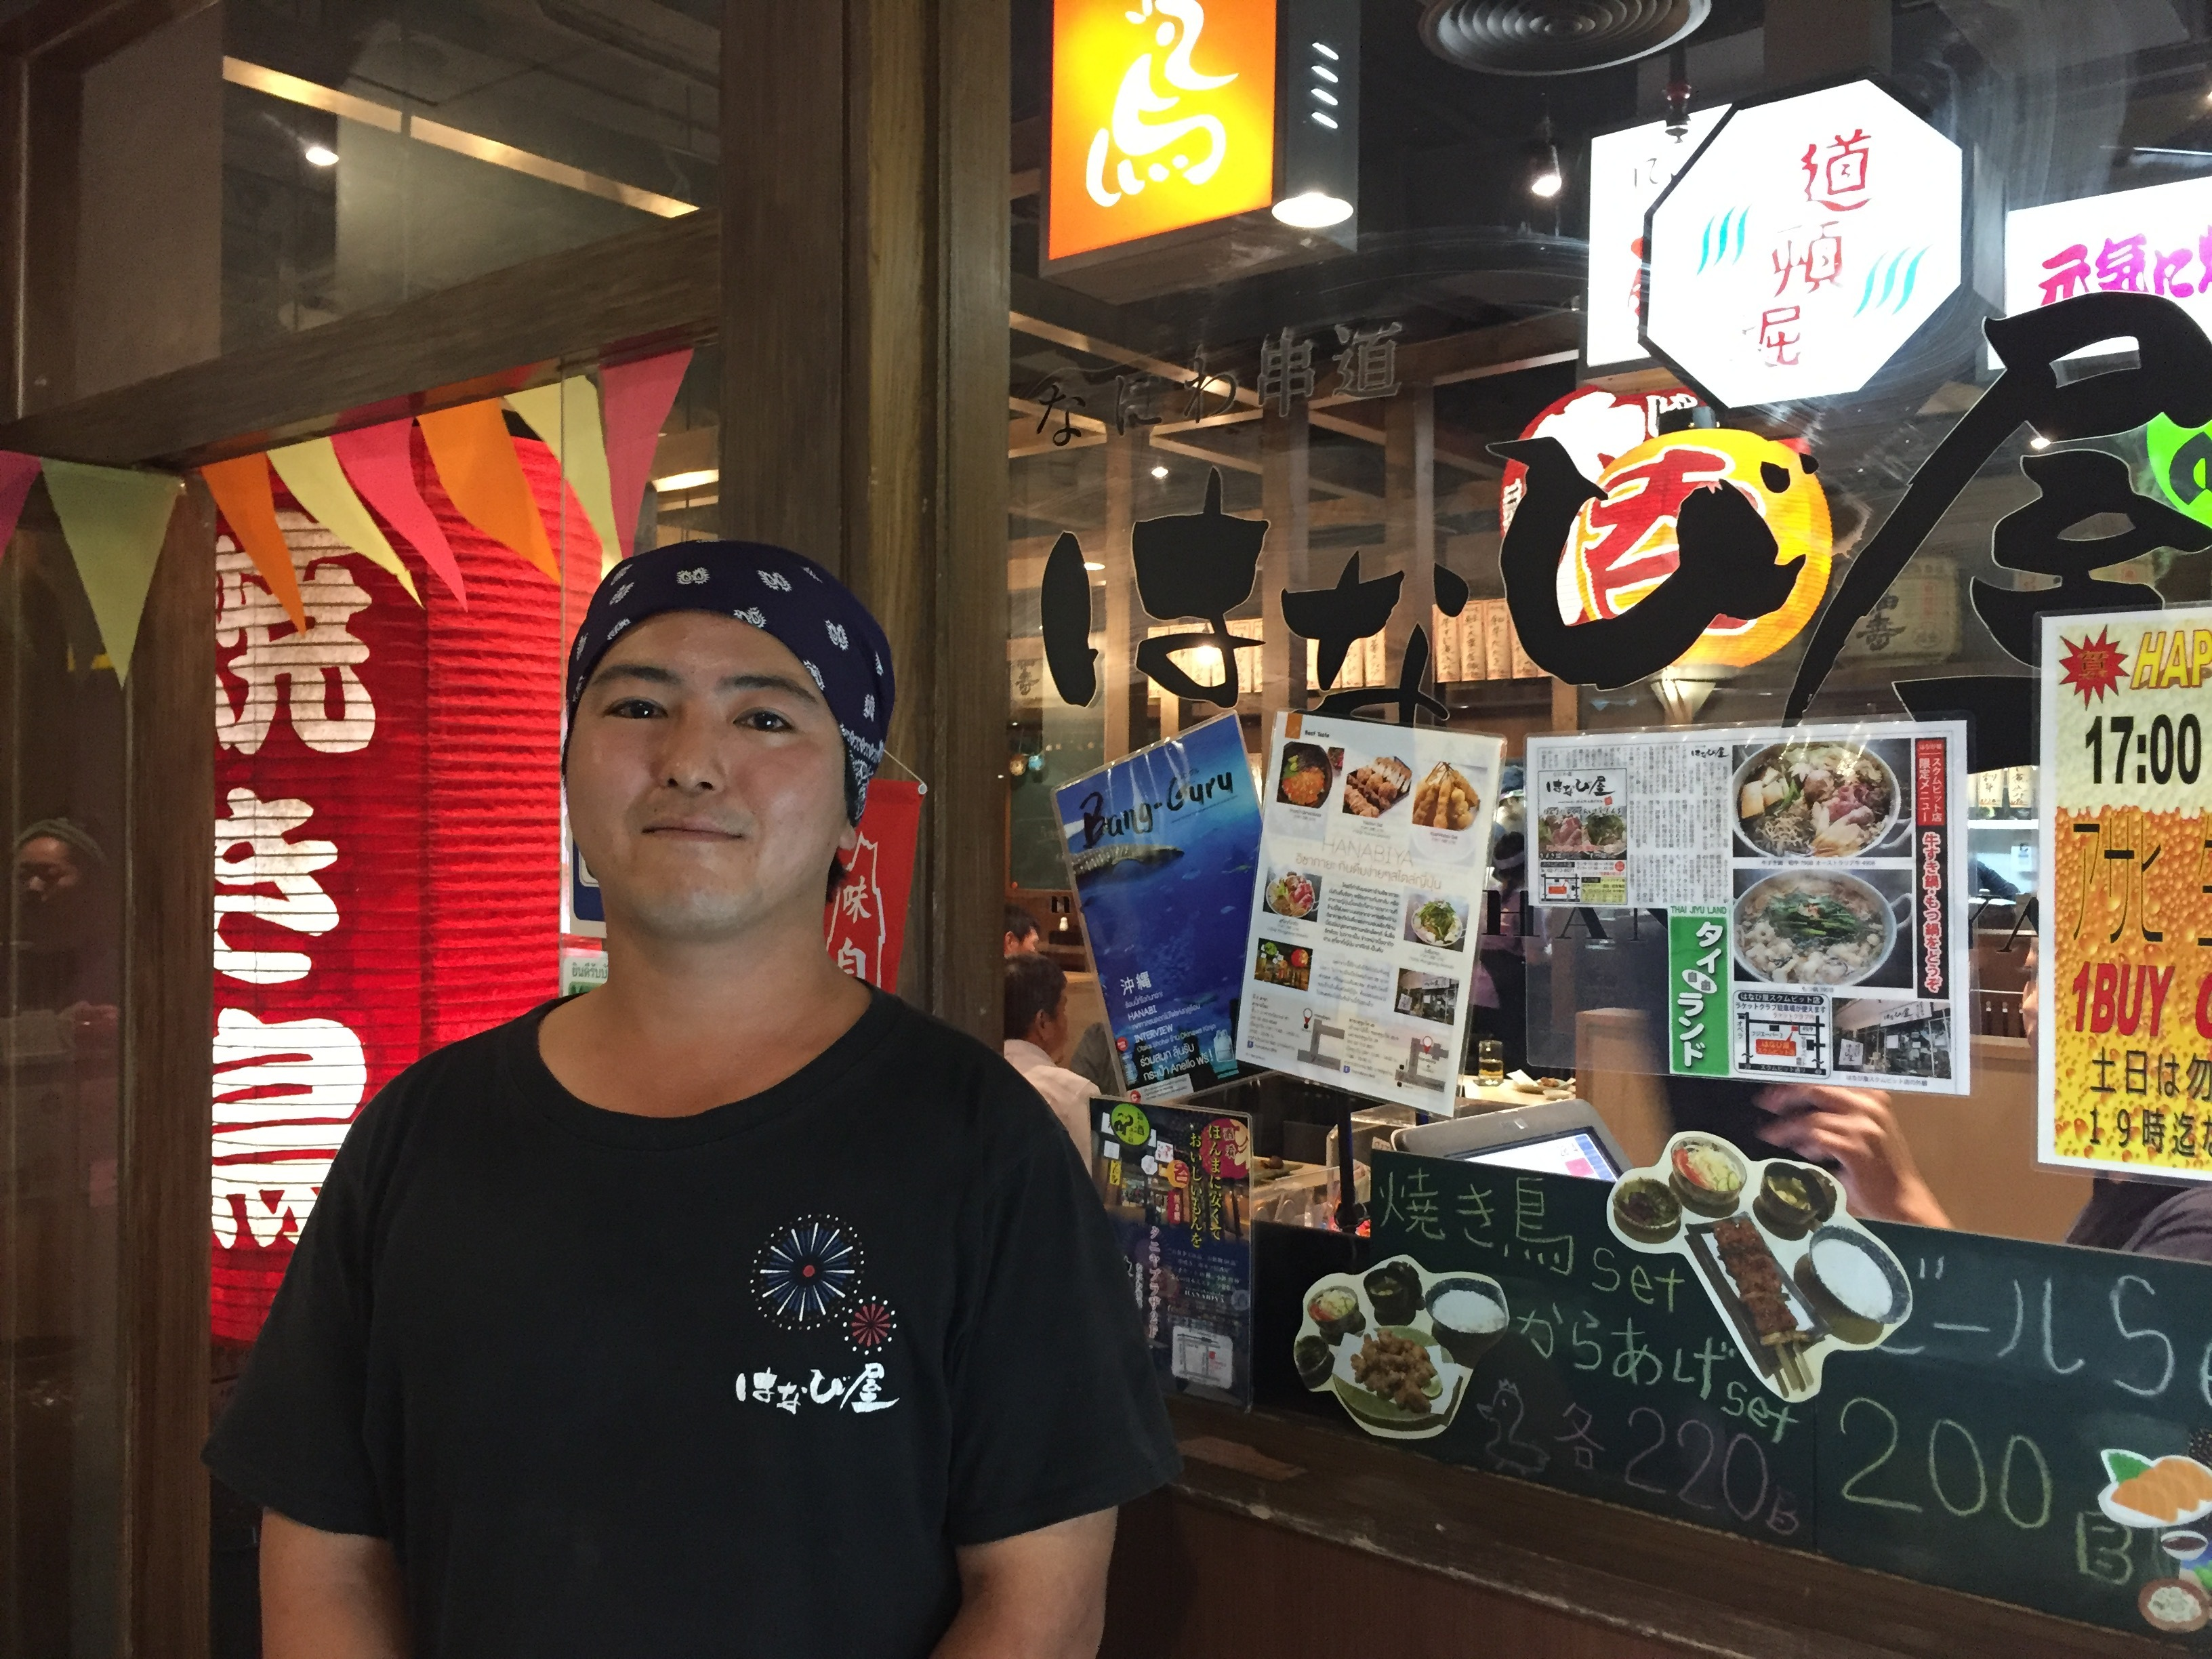 『松尾圭三』ーシーロムの人気居酒屋「はなび屋」の誕生秘話。そして、これからの野望。